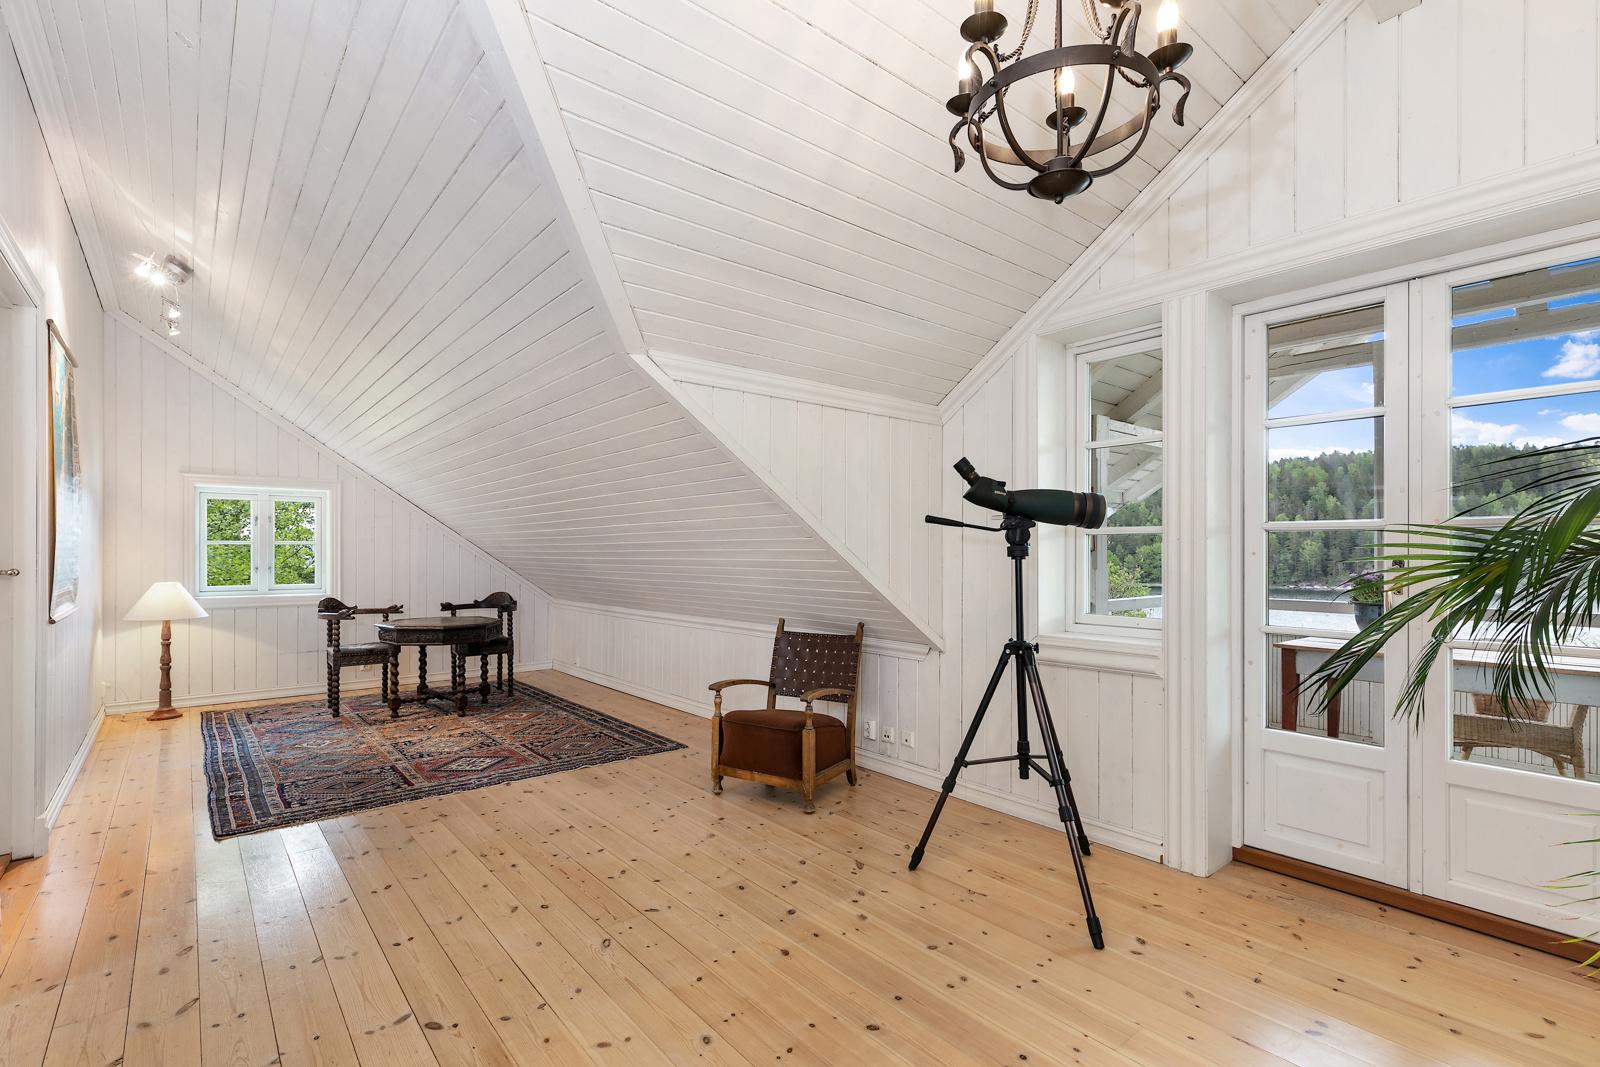 Stue, bilde tatt mot stedet der det er mulig å etablere ett ekstra soverom